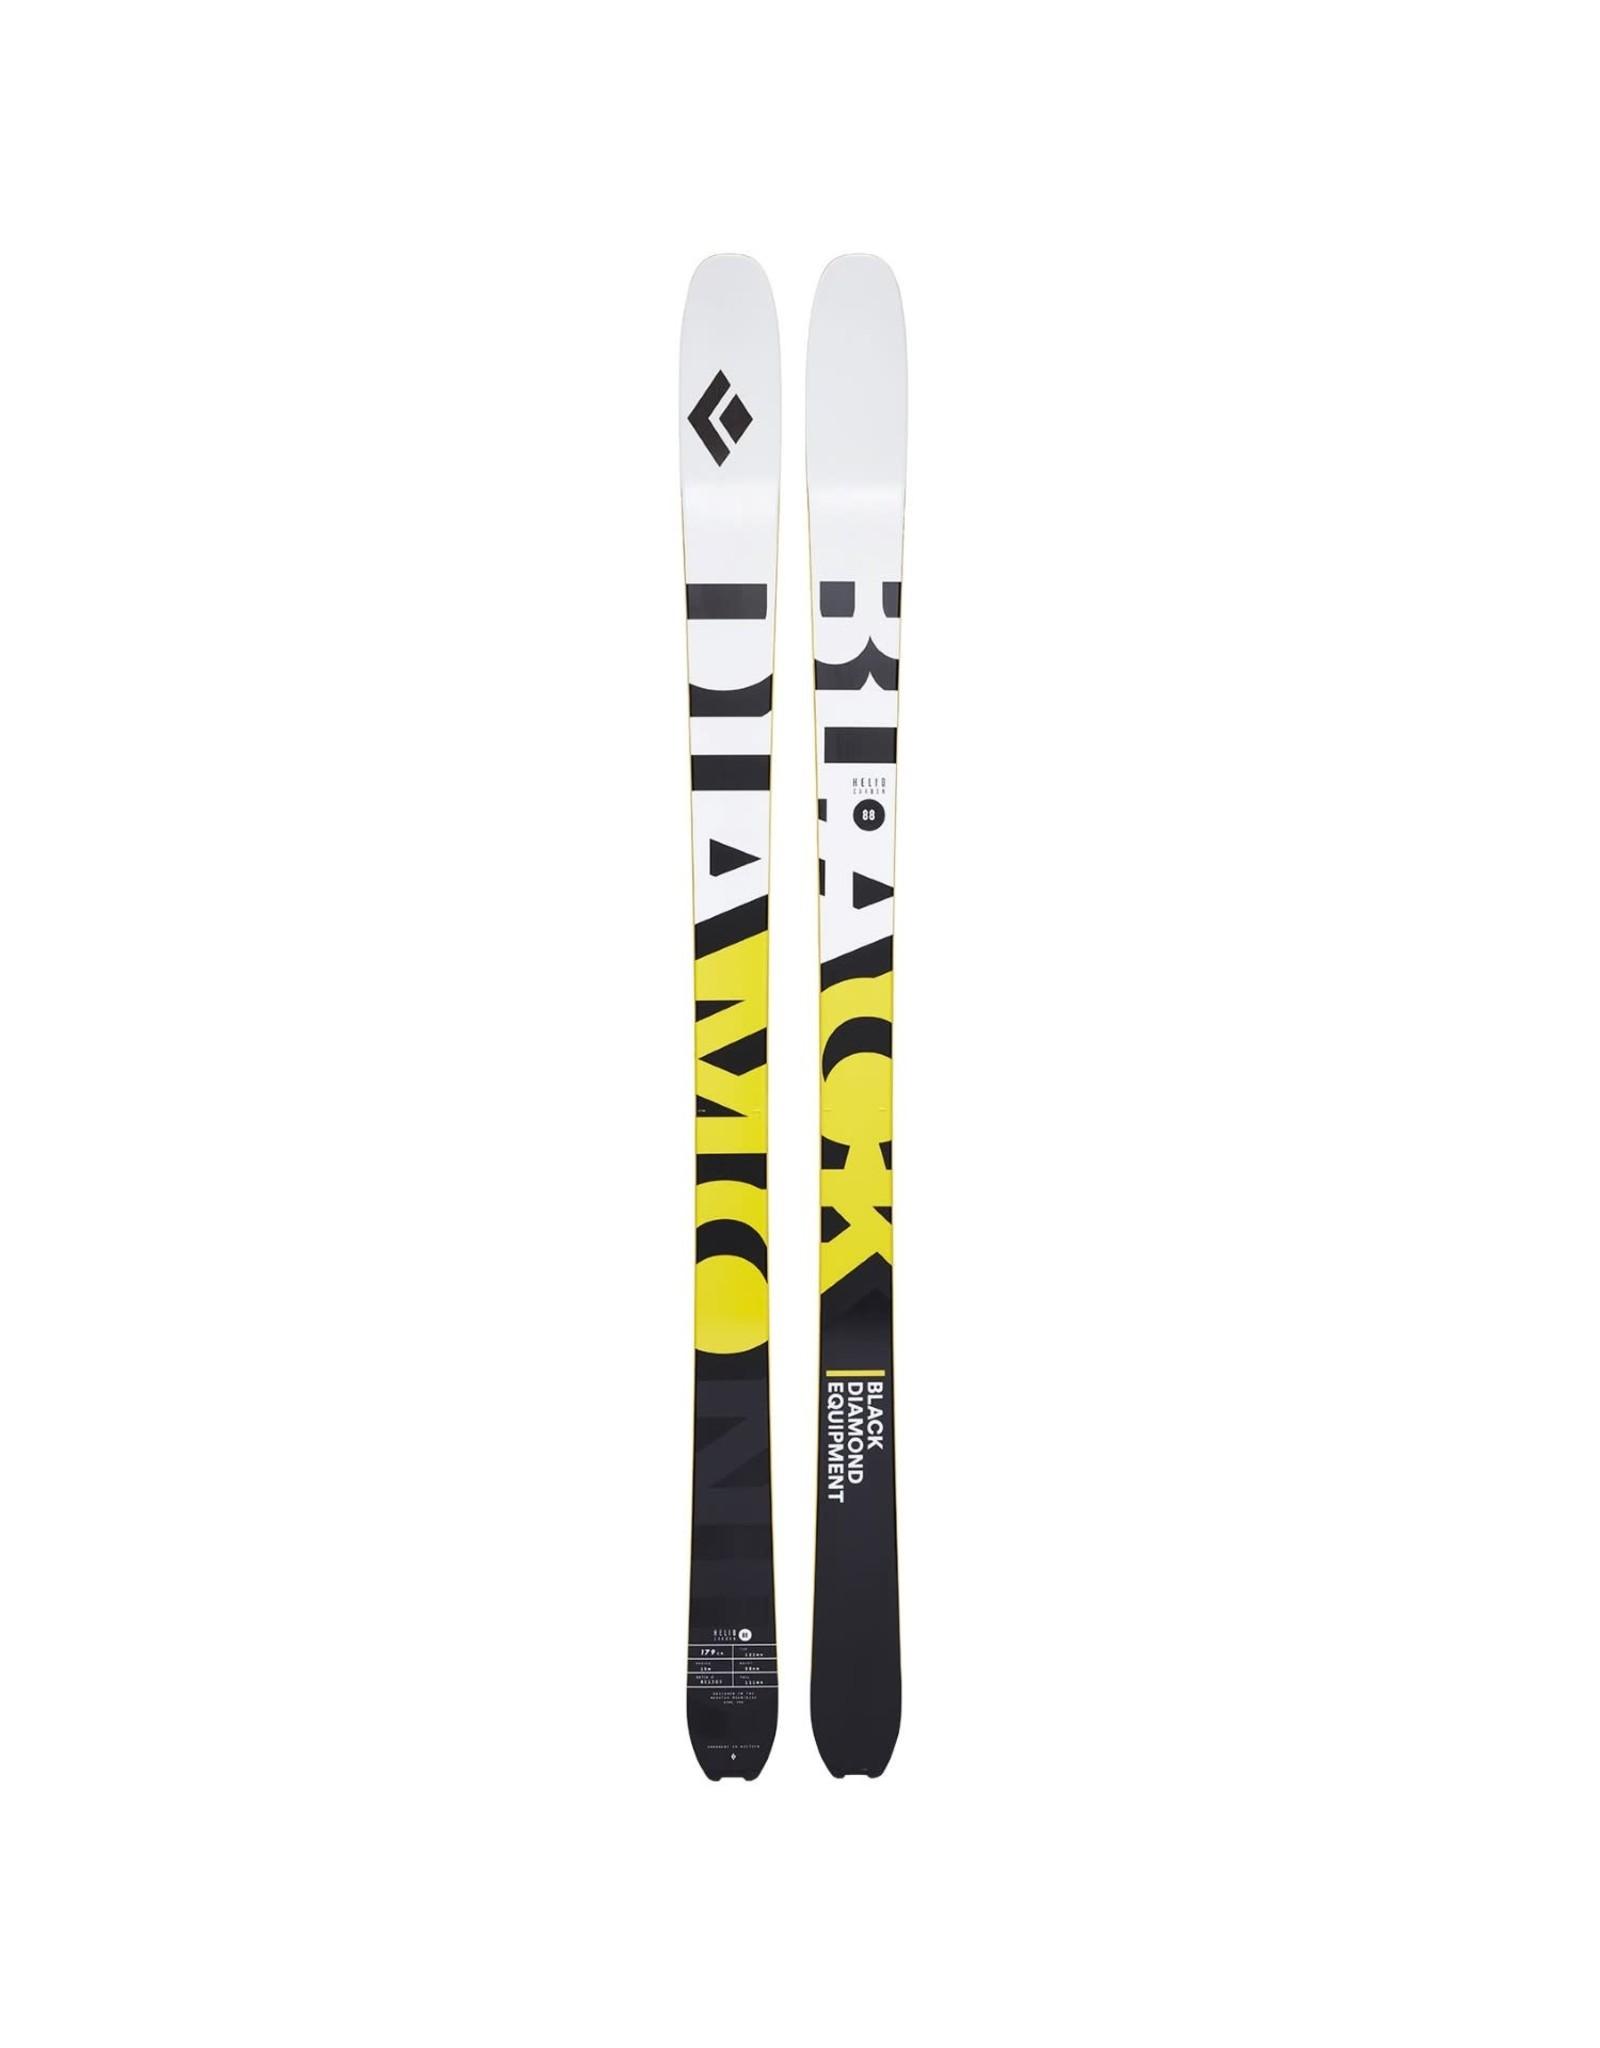 Black Diamond Black Diamond Helio Carbon 88 Skis - Unisex